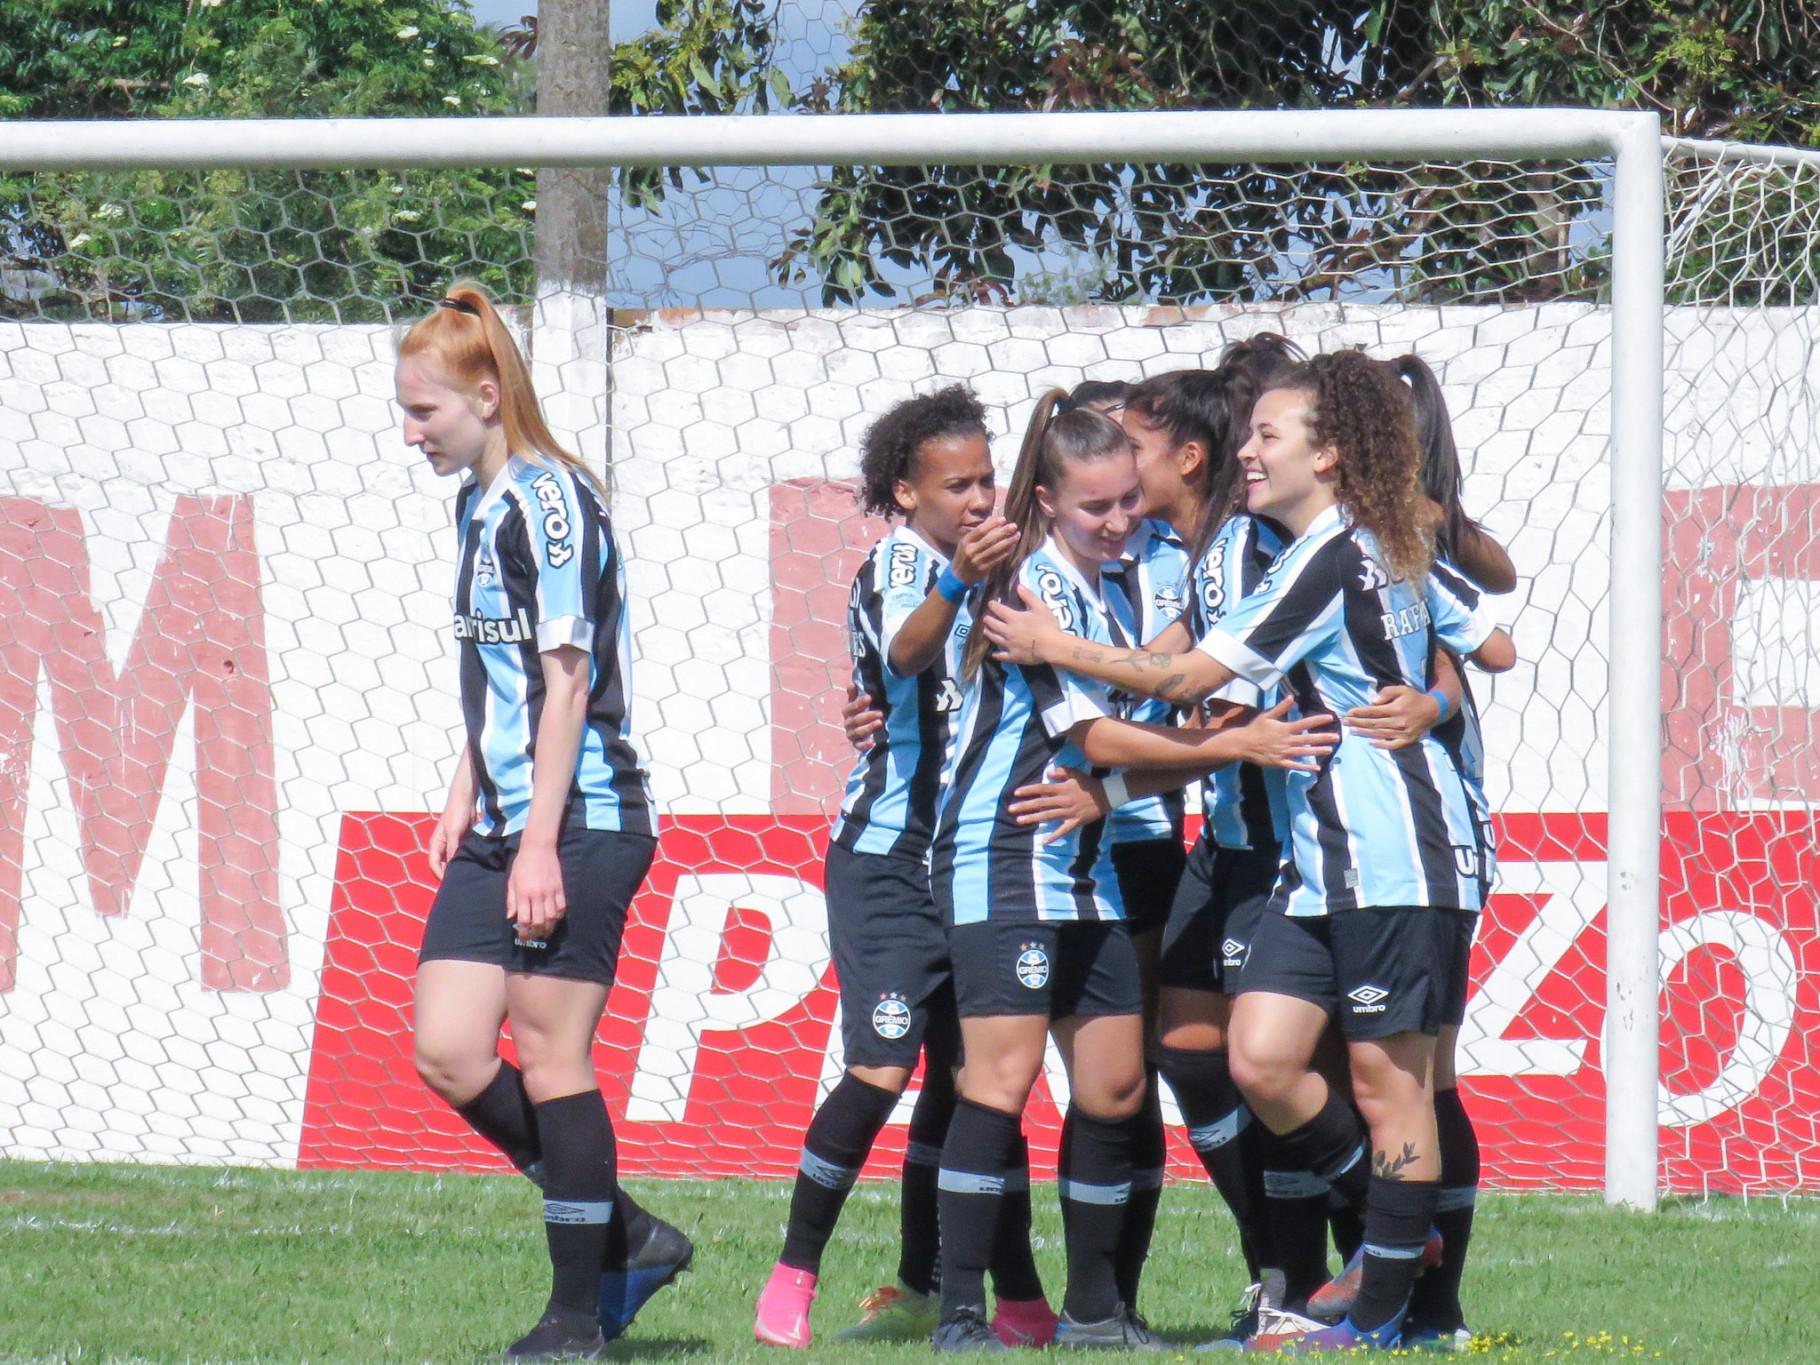 Gurias Gremistas fazem 17 x 0 no Guarany de Bagé pelo Gauchão Feminino 2021   Fotos: Sérgio Galvani / Grêmio